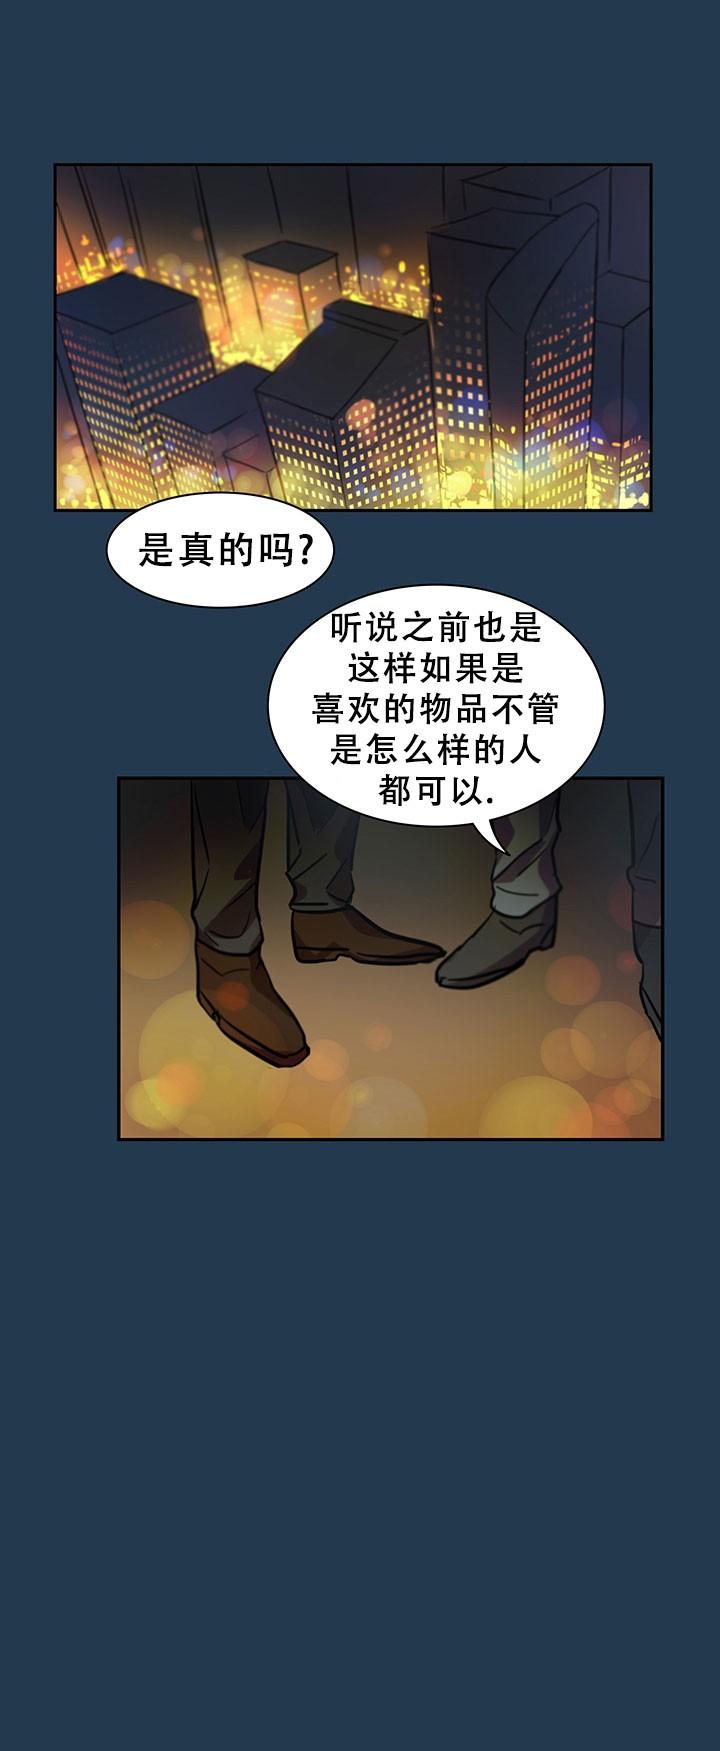 我比小熊甜-漫画免费全集在线阅读_完整版汉化连载-啵乐漫画